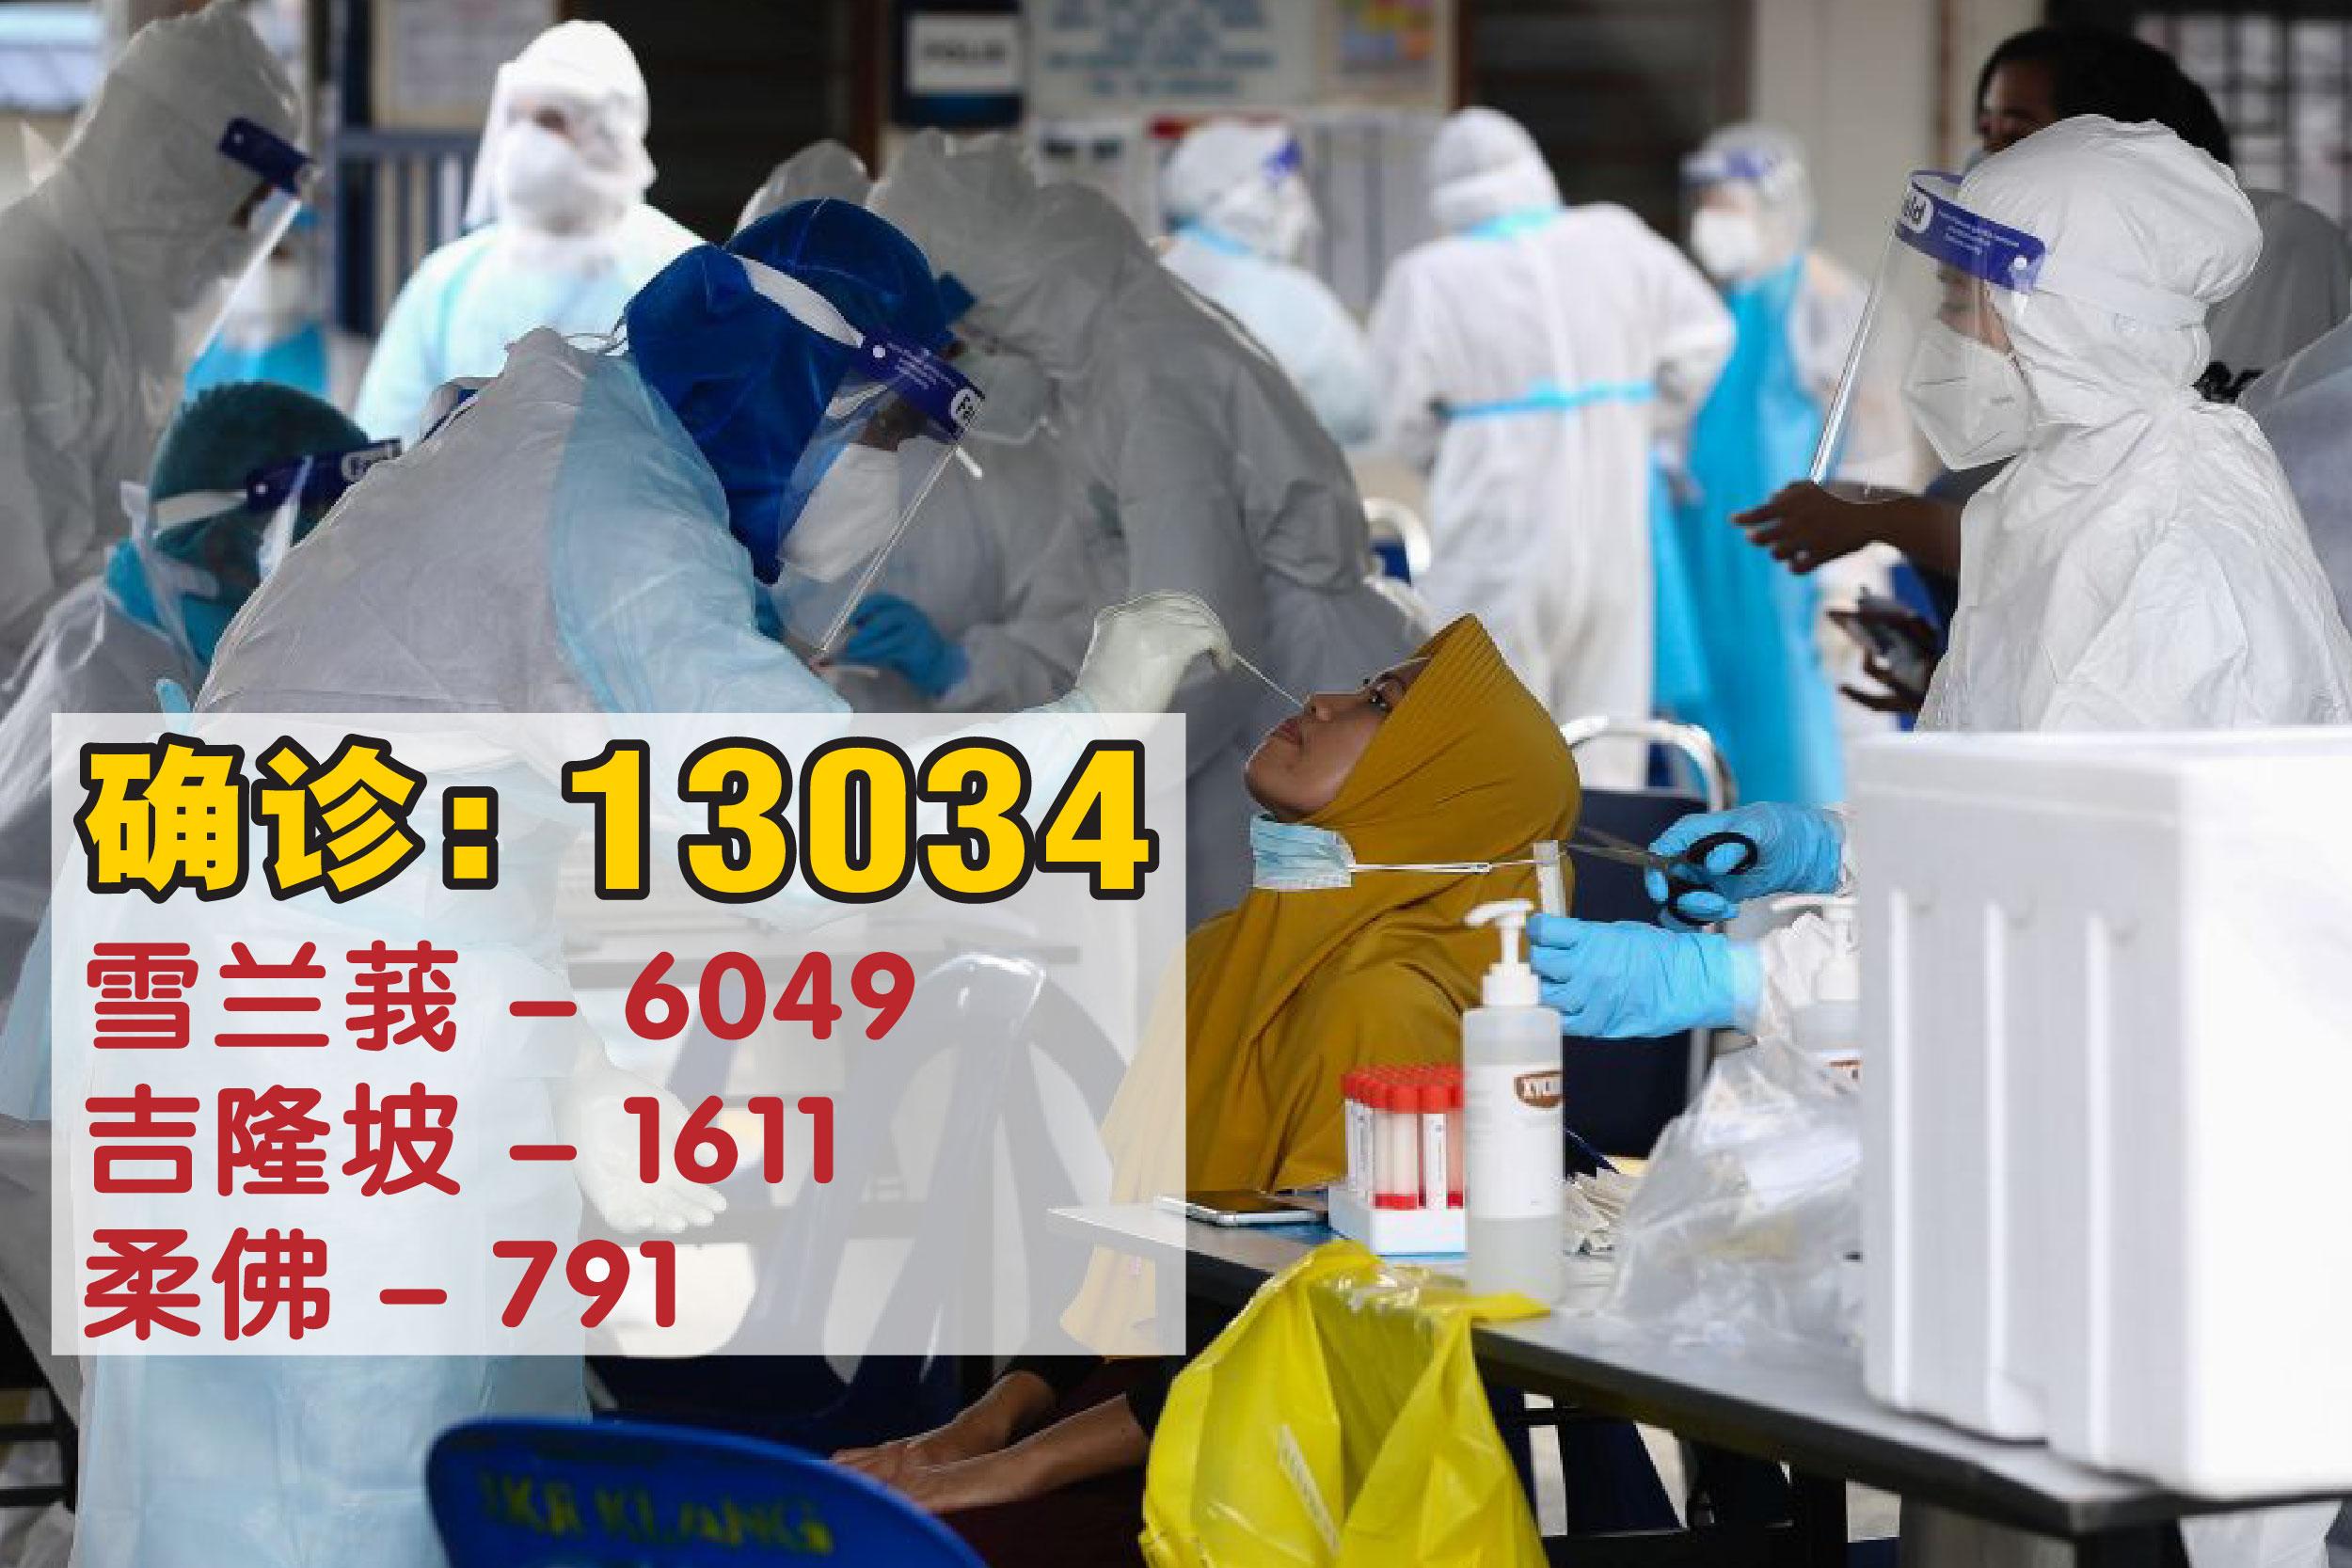 雪兰莪新增病例仍是全国之冠,报6049宗。 -精彩大马制图-